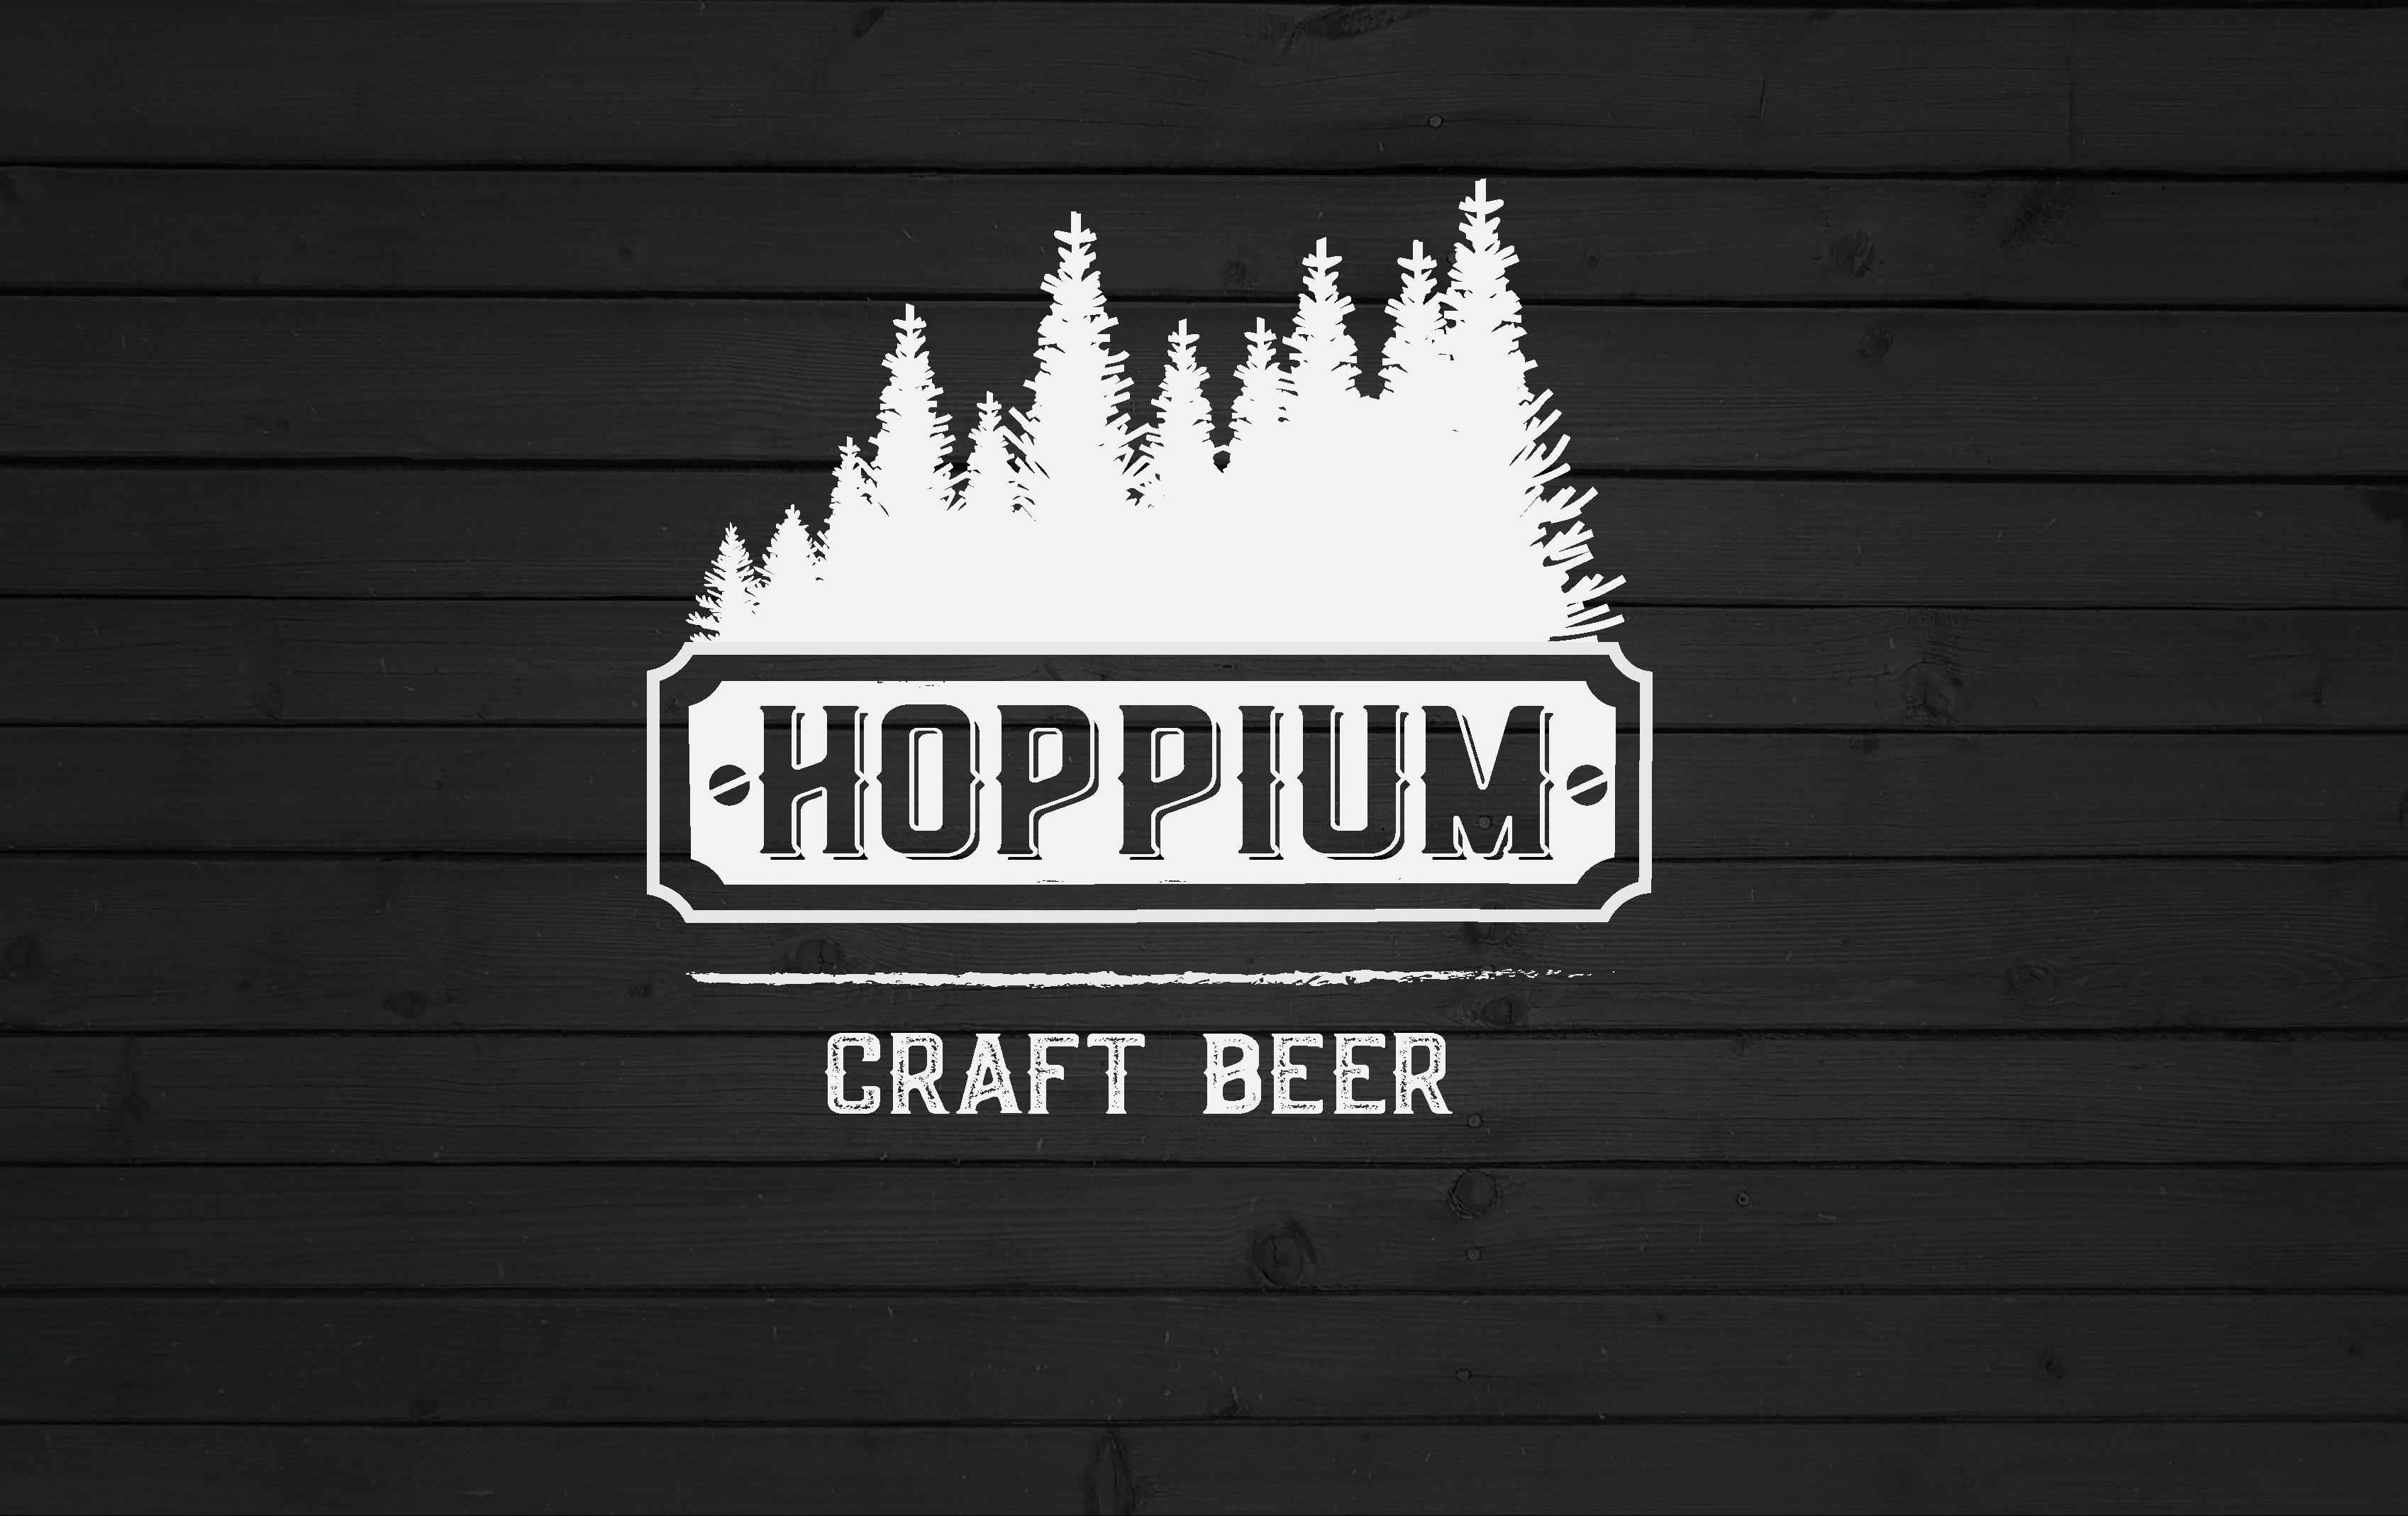 Логотип + Ценники для подмосковной крафтовой пивоварни фото f_3895dbfd34131e8b.png